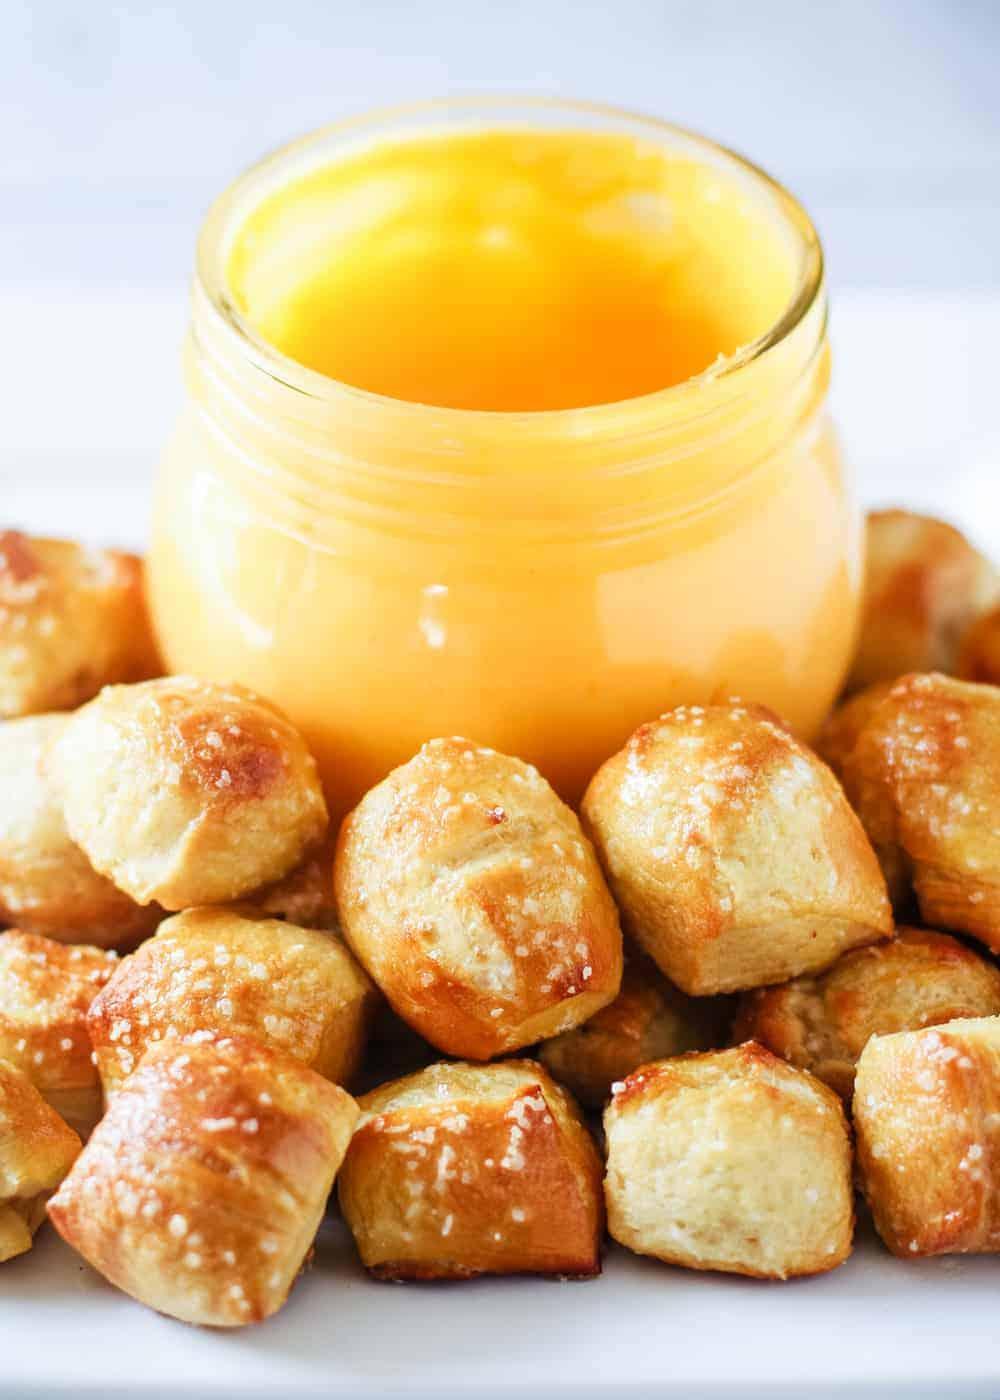 EASY Homemade Pretzel Bites Recipe - I